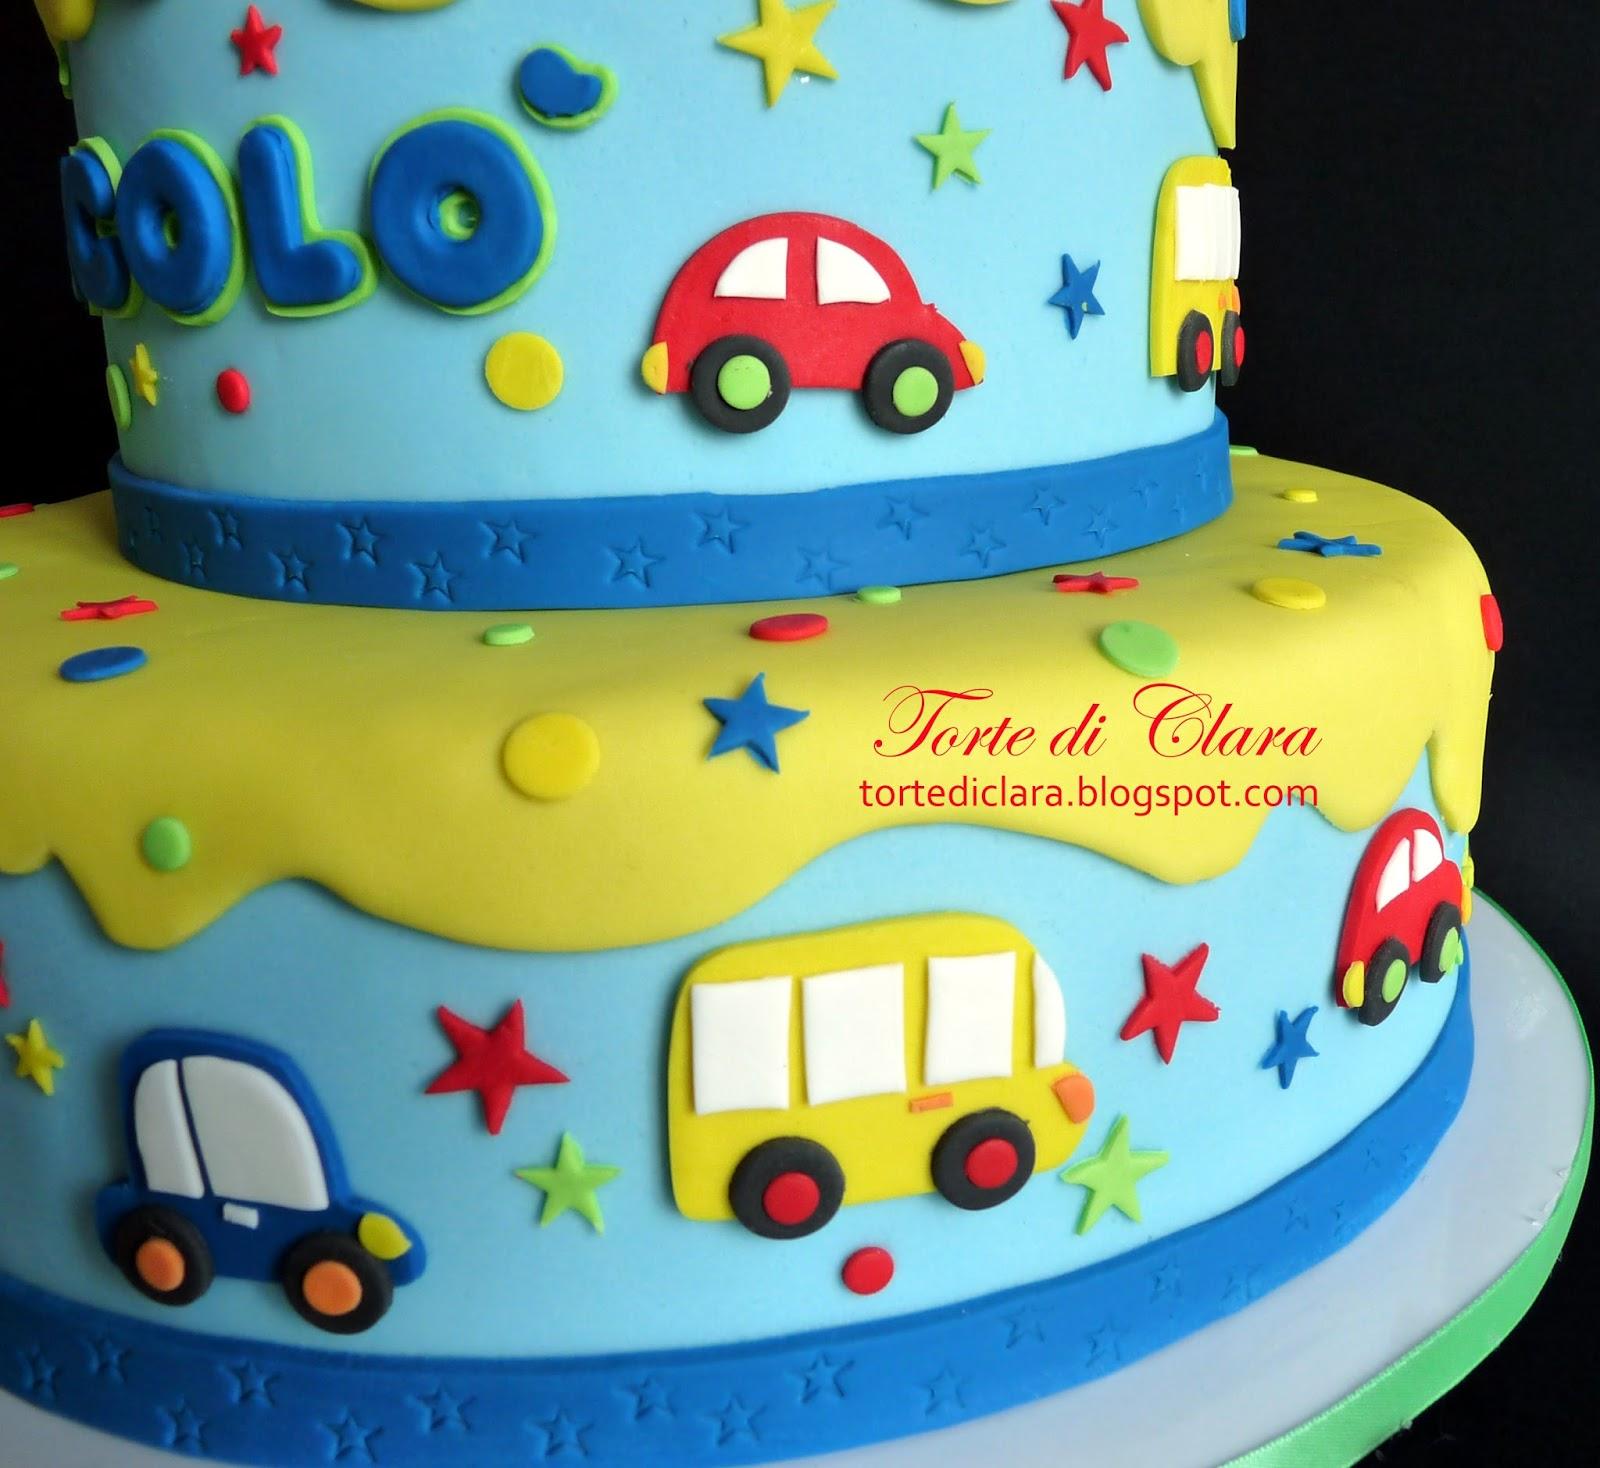 Torte Di Clara: Birthday Cake (9